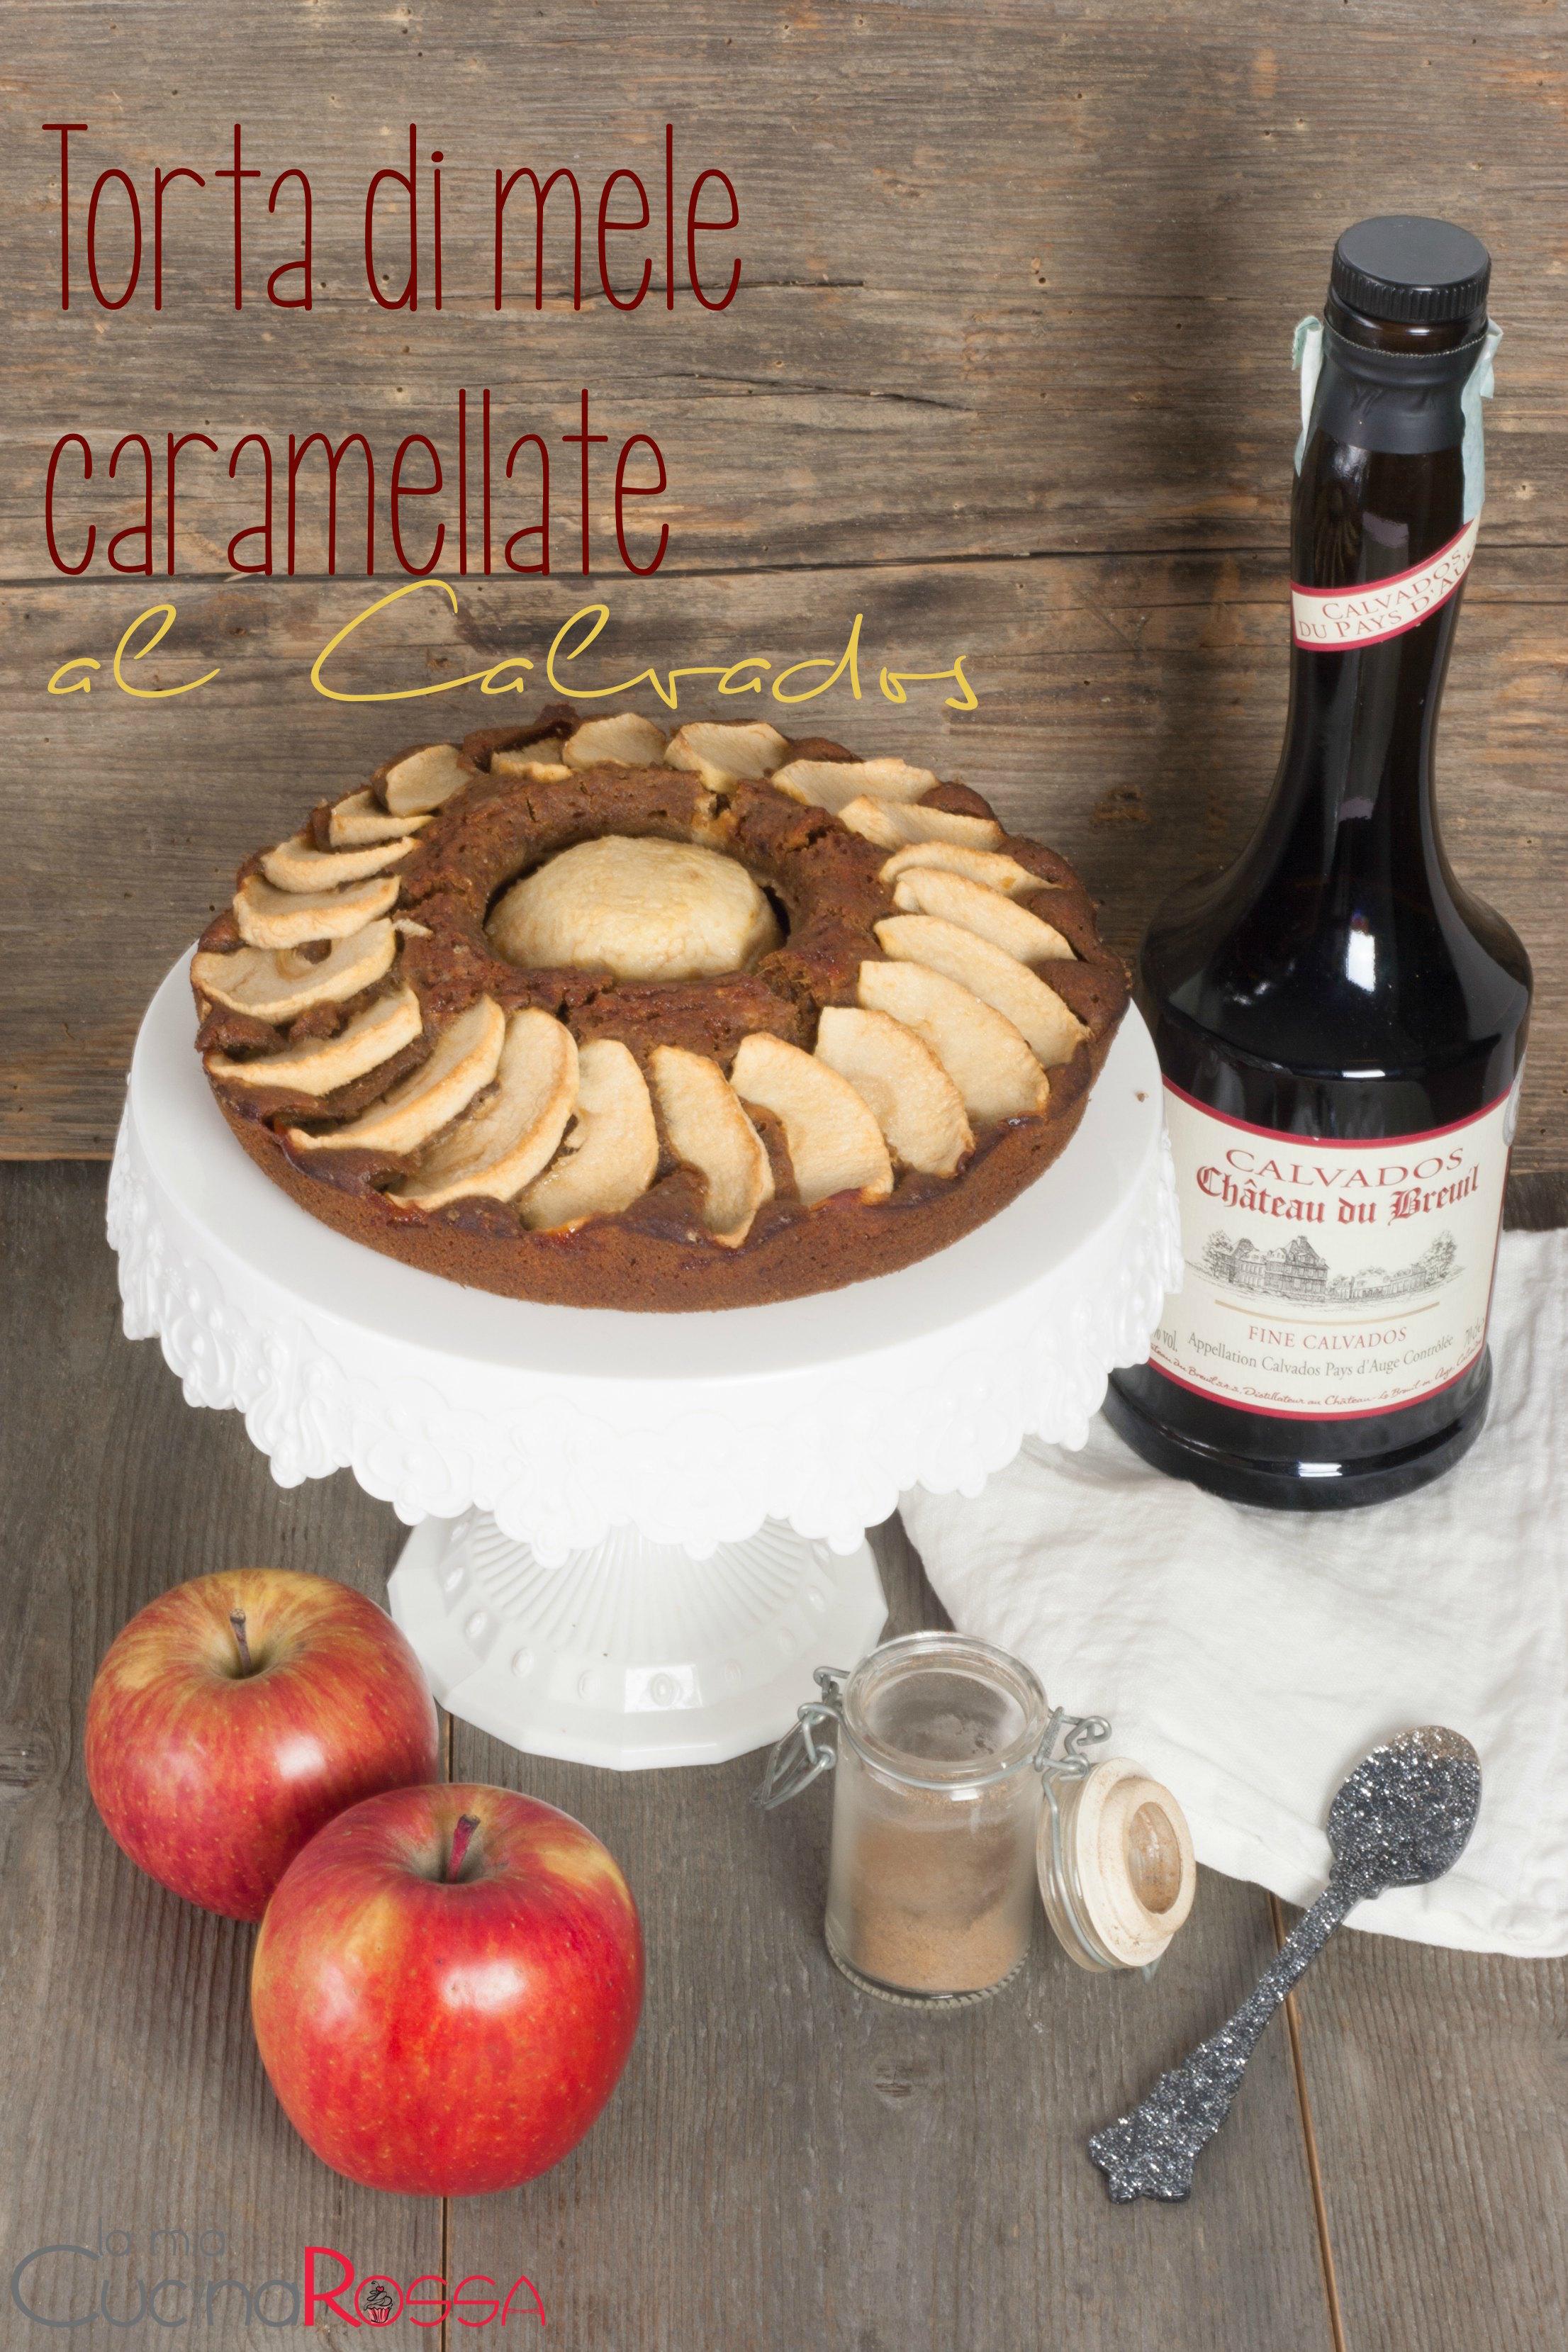 torta di mele caramellate-